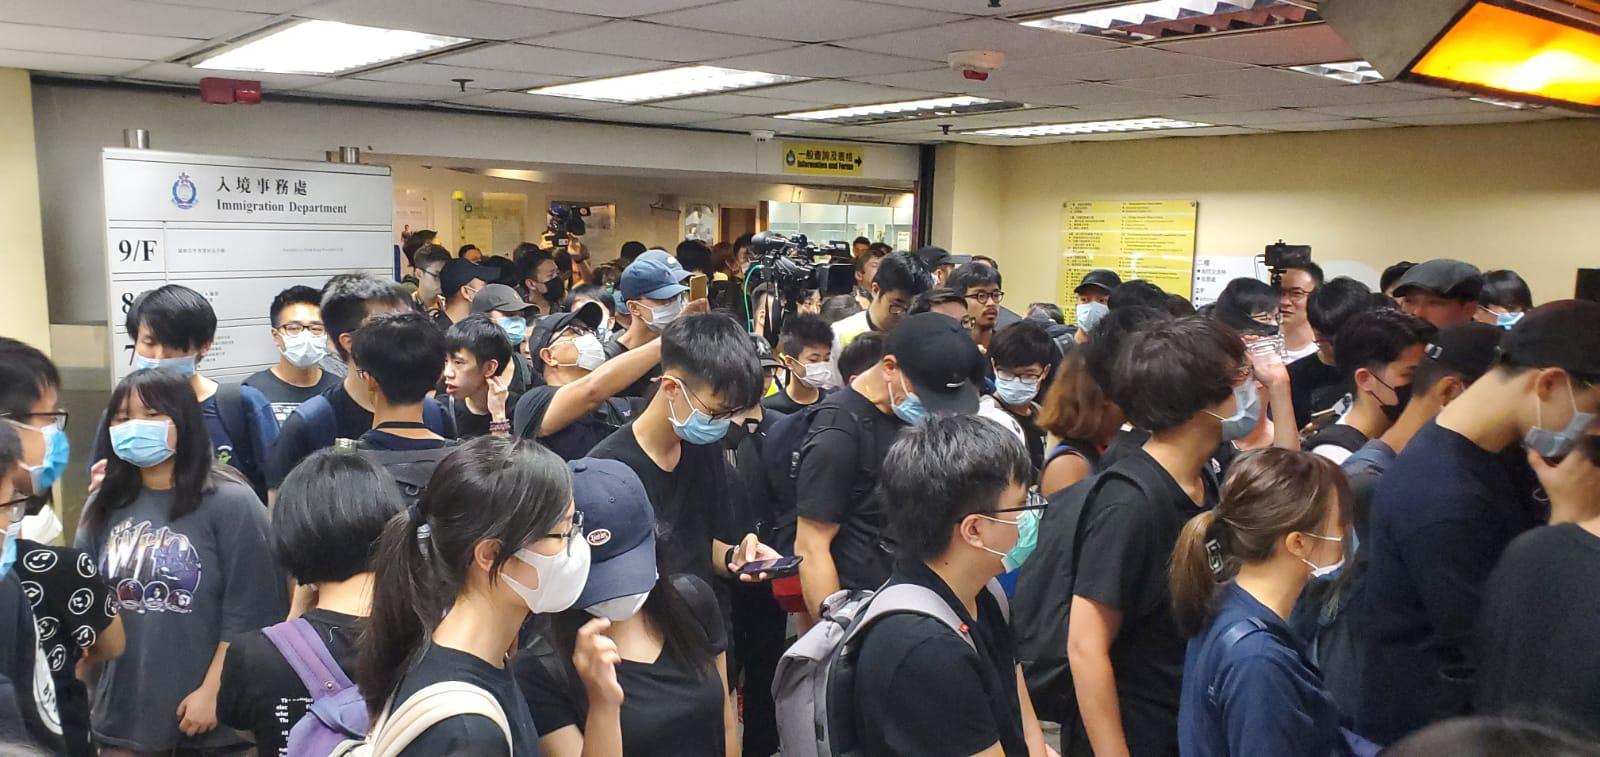 示威者分批前往入境處多個樓層聚集。